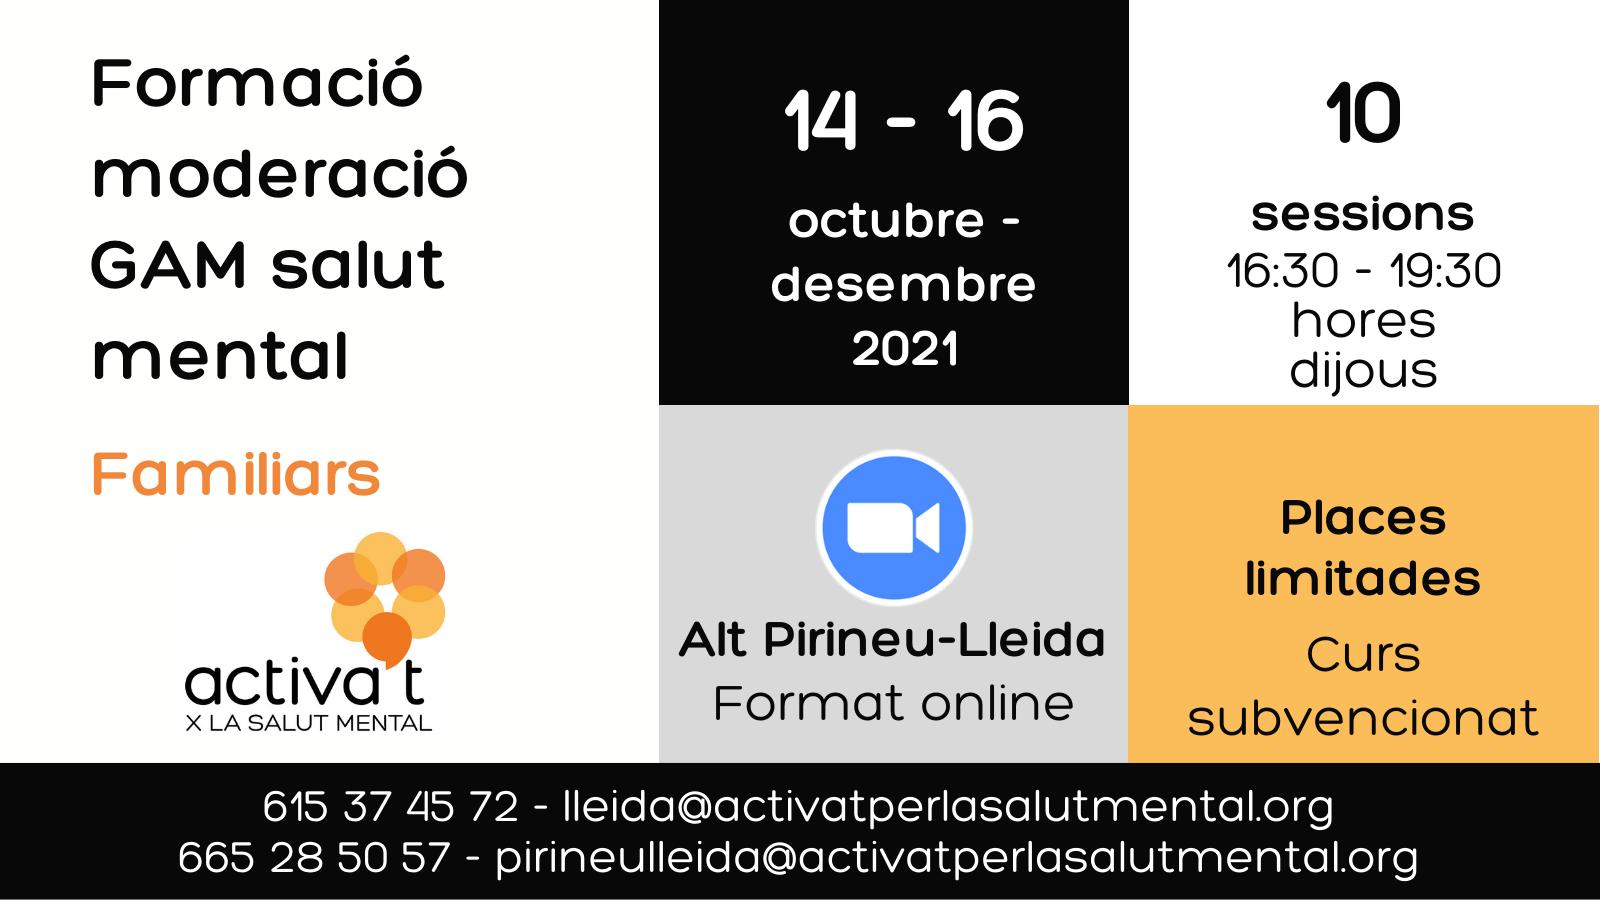 Cartell formació per moderar GAM Alt Pirineu Lleida 2021